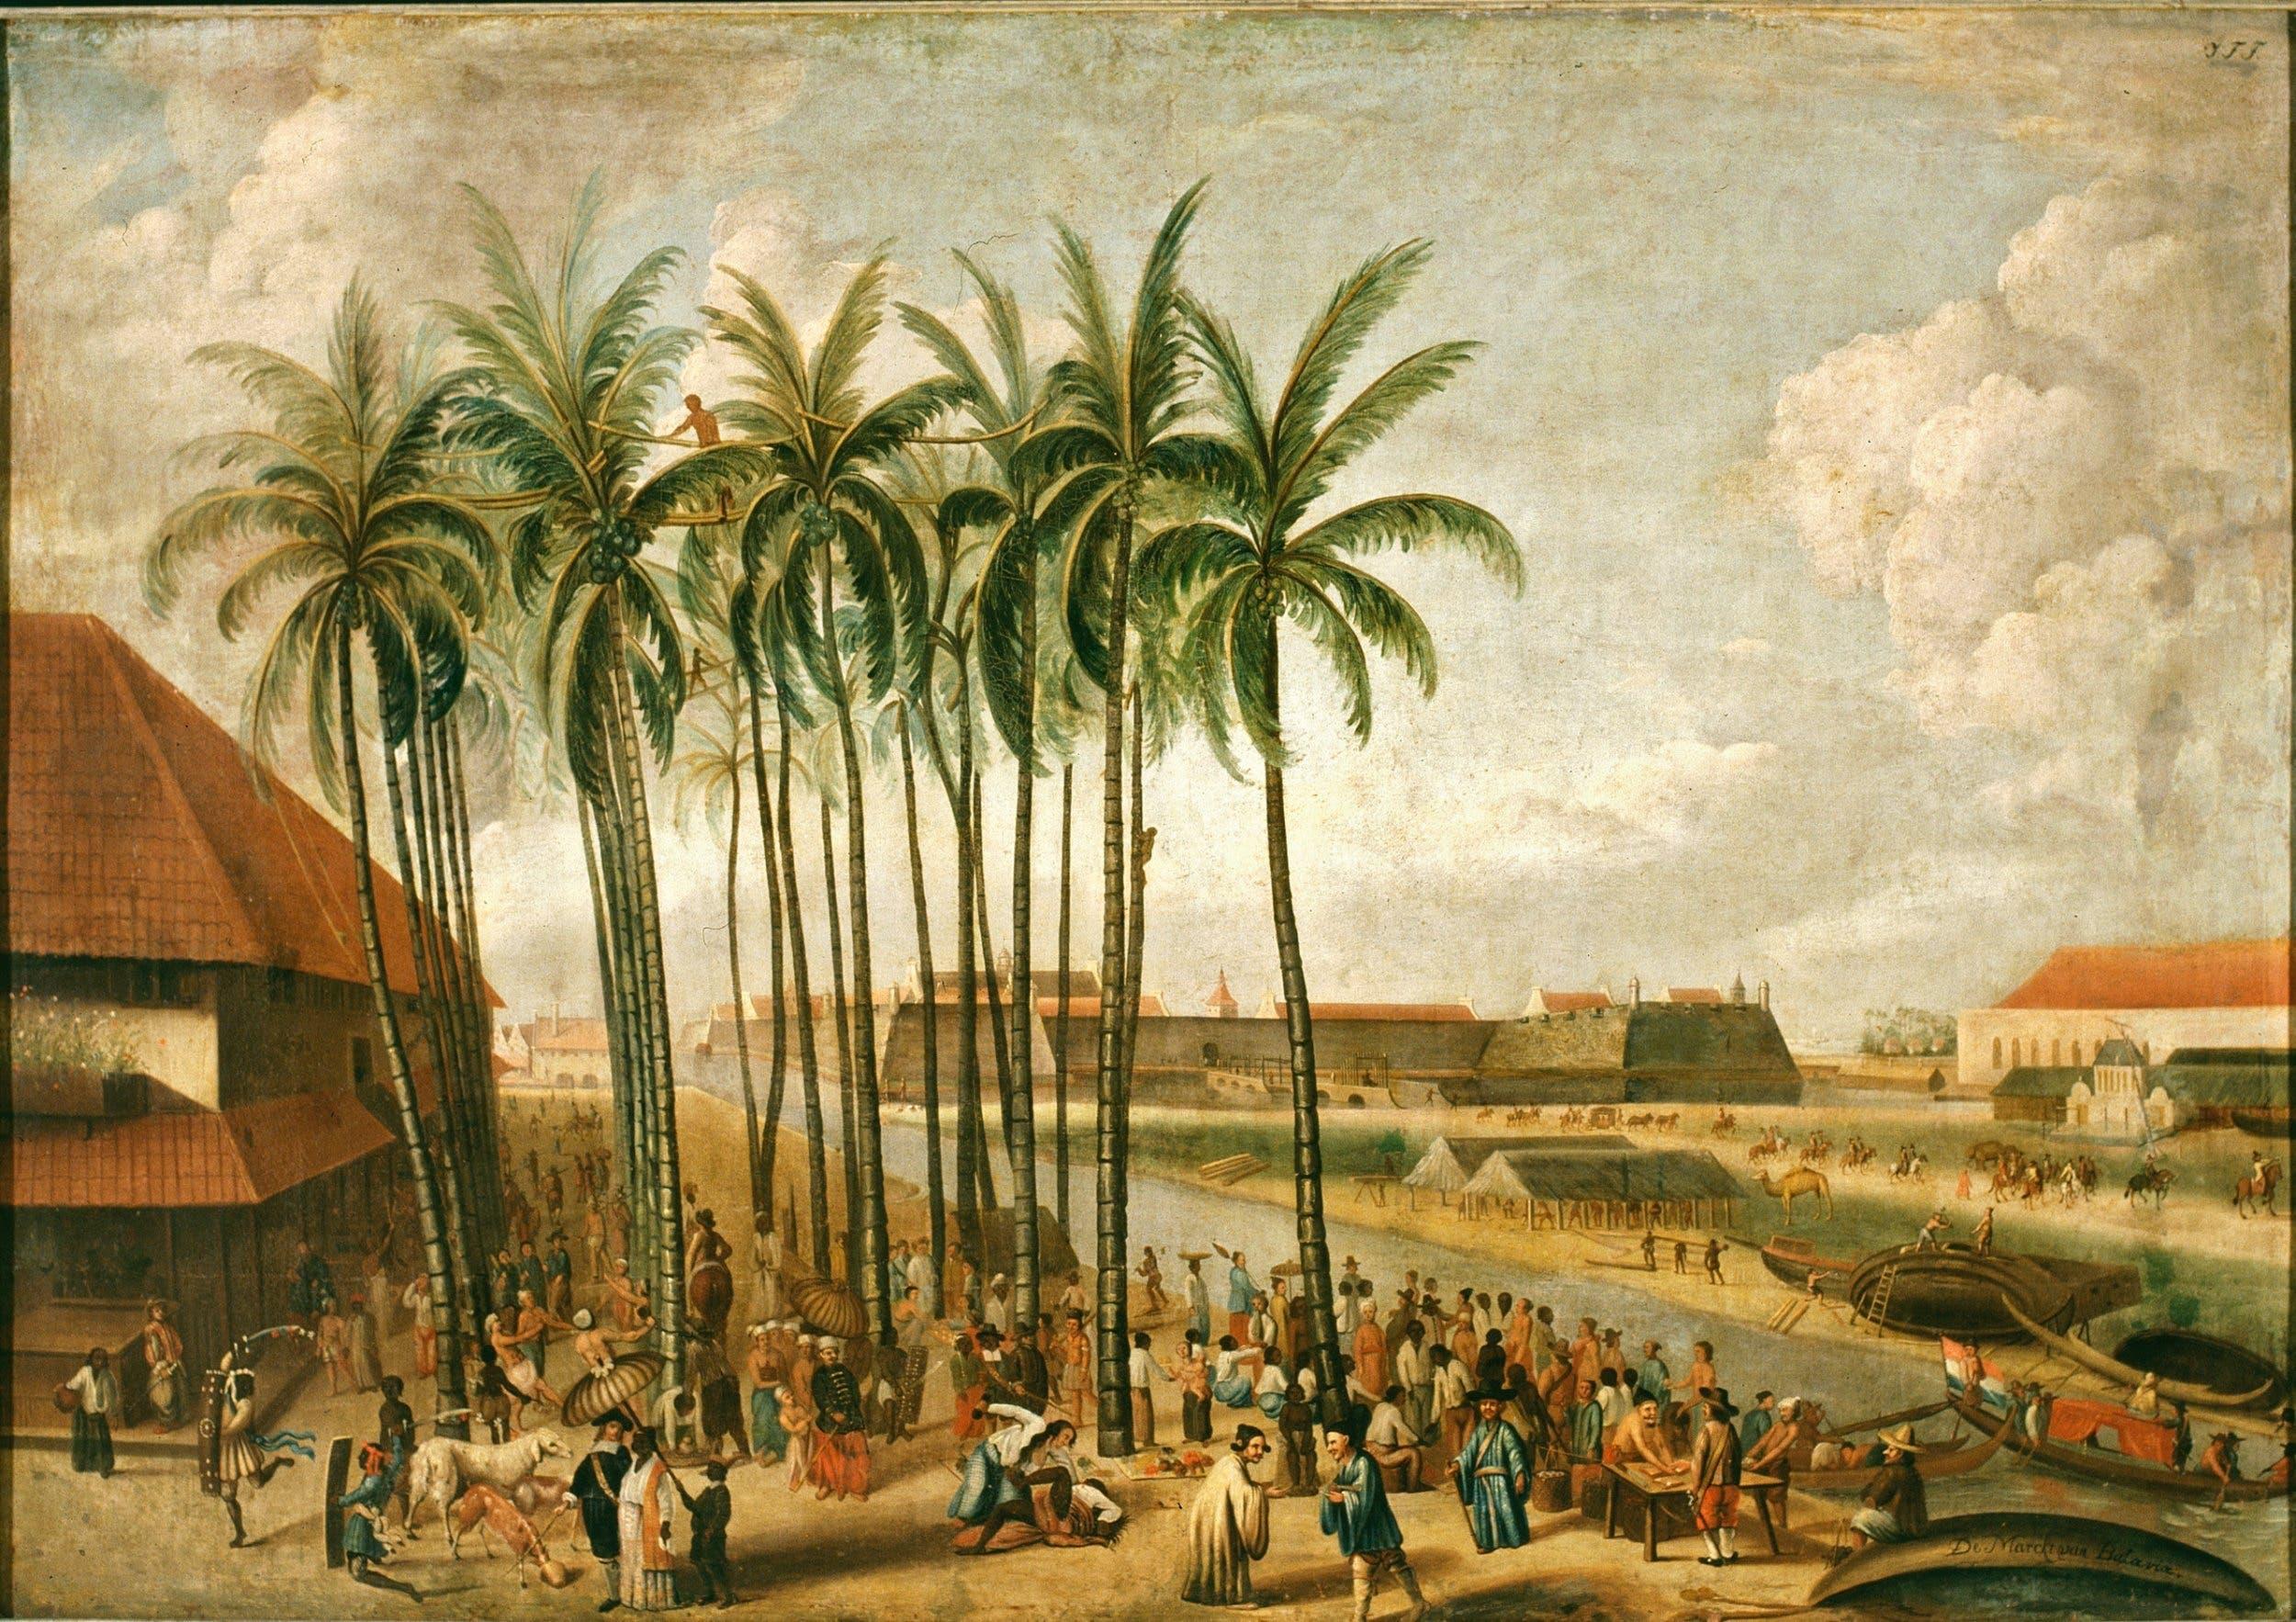 14_JFF nach Beeckman_Batavia_Amsterdam-Tropenmuseum